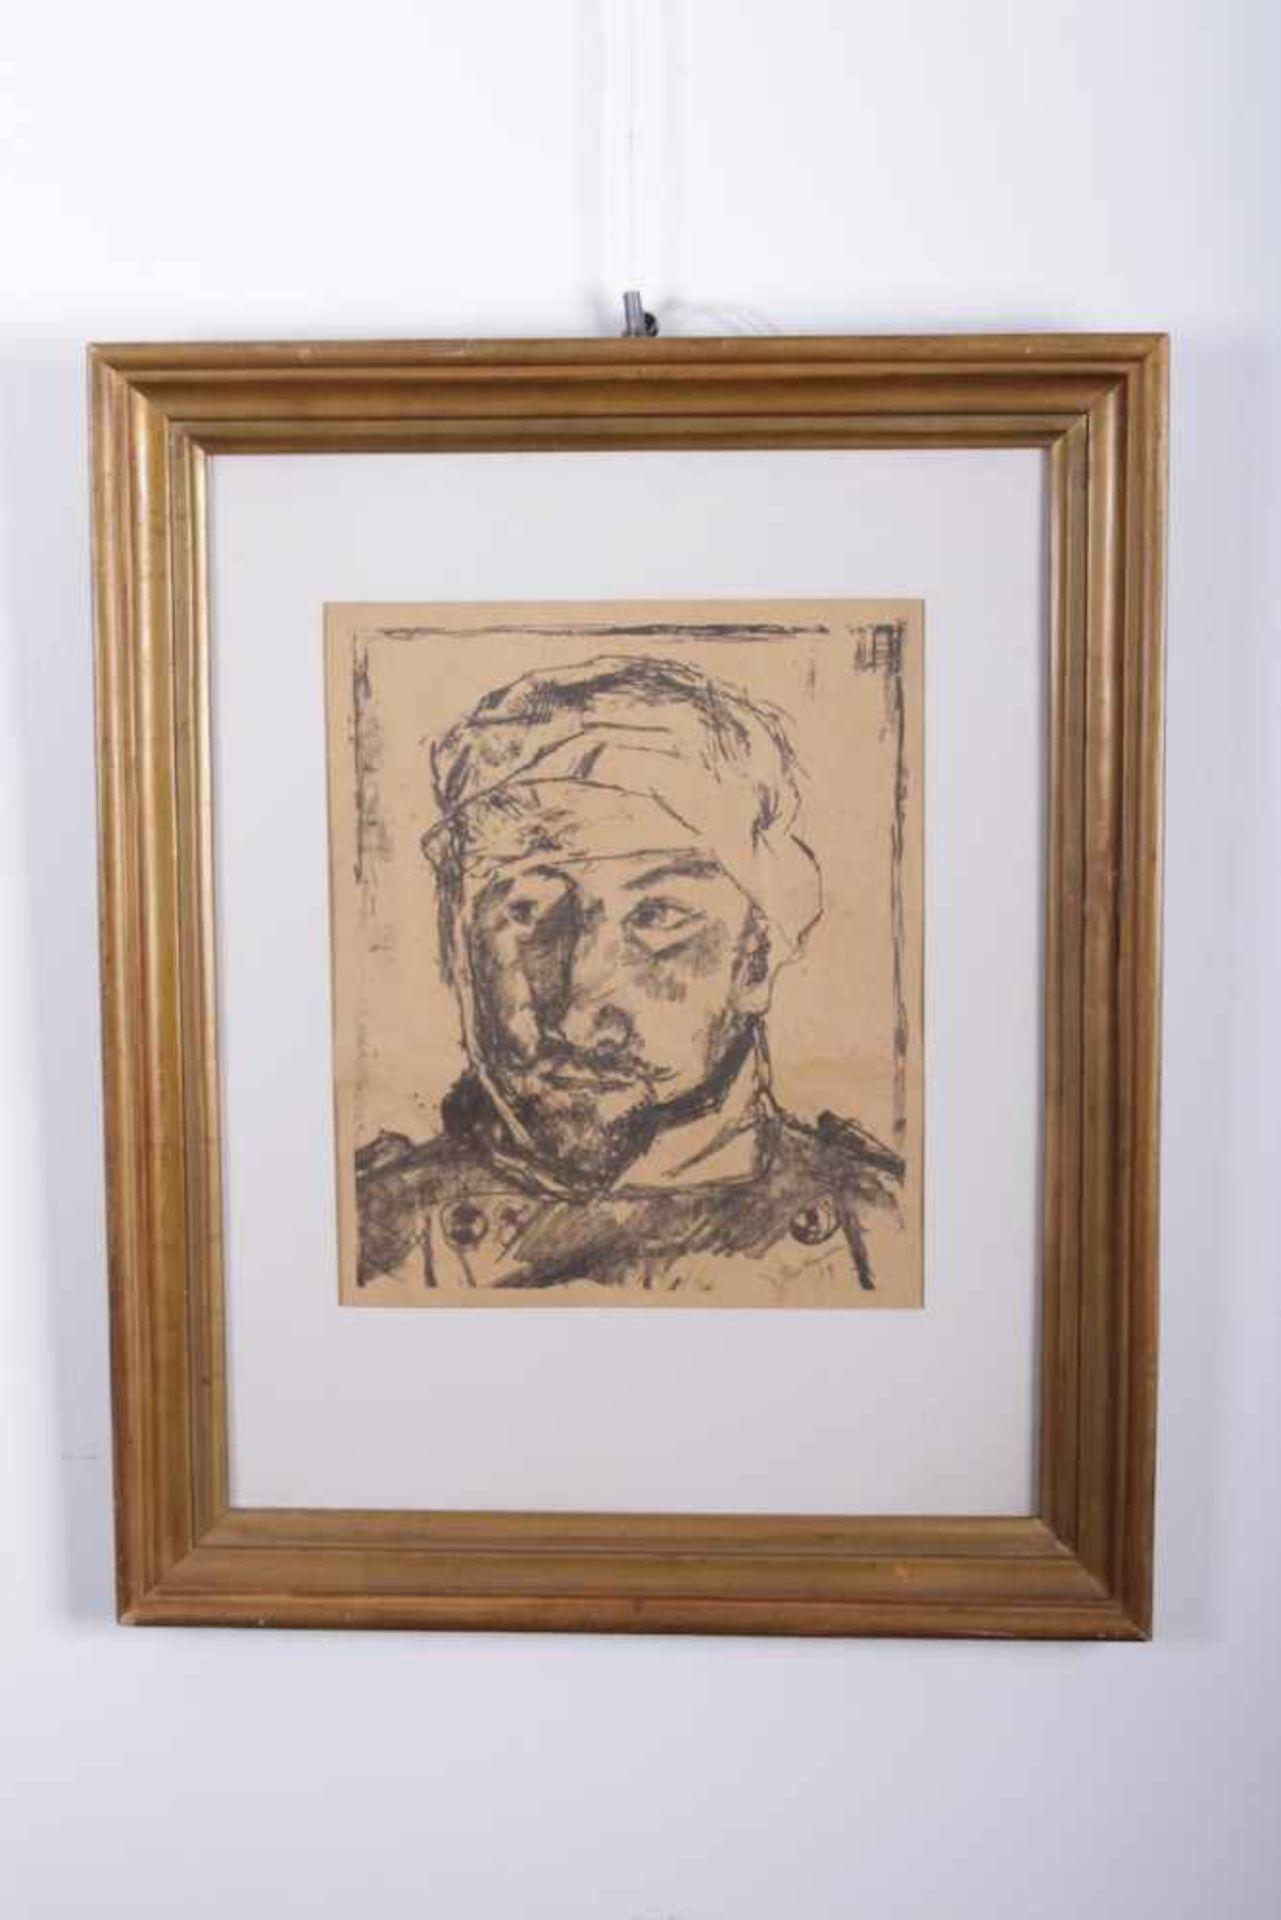 Los 59 - Max Beckmann 1884-1950, Lithographie, Portrait eines verletzten Soldaten, signiert unten rechts,